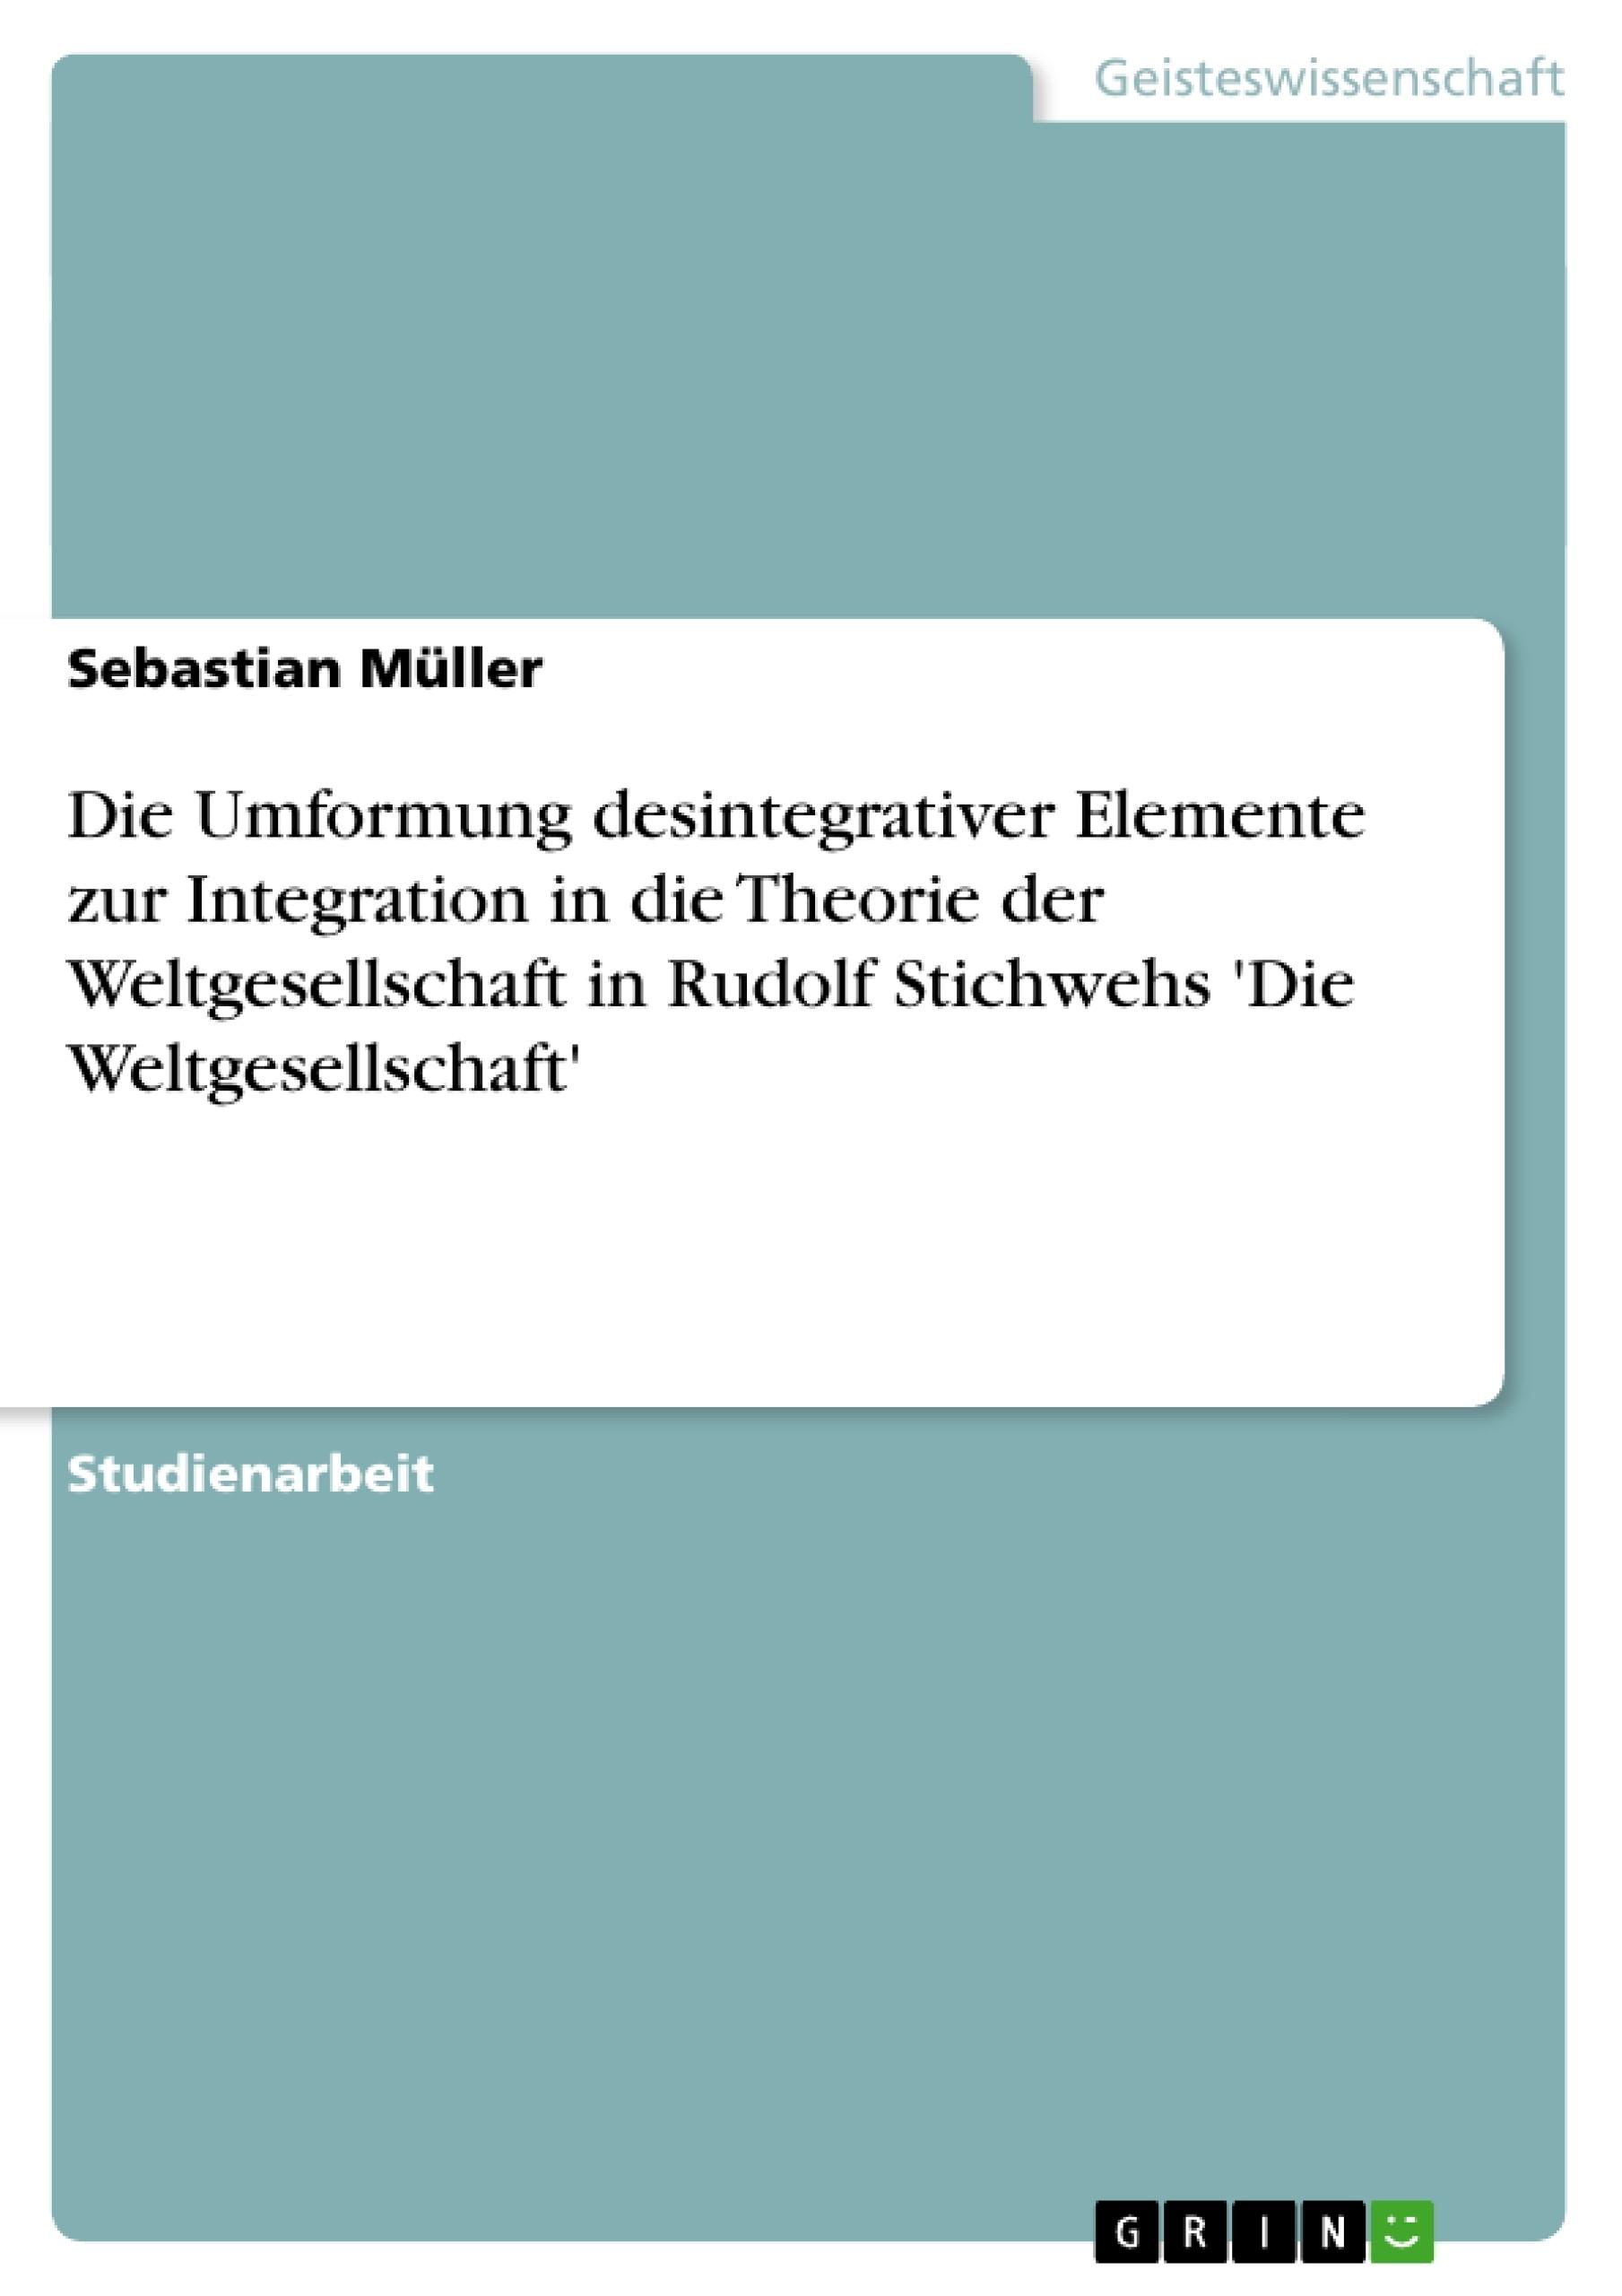 Titel: Die Umformung desintegrativer Elemente zur Integration in die Theorie der Weltgesellschaft in Rudolf Stichwehs 'Die Weltgesellschaft'